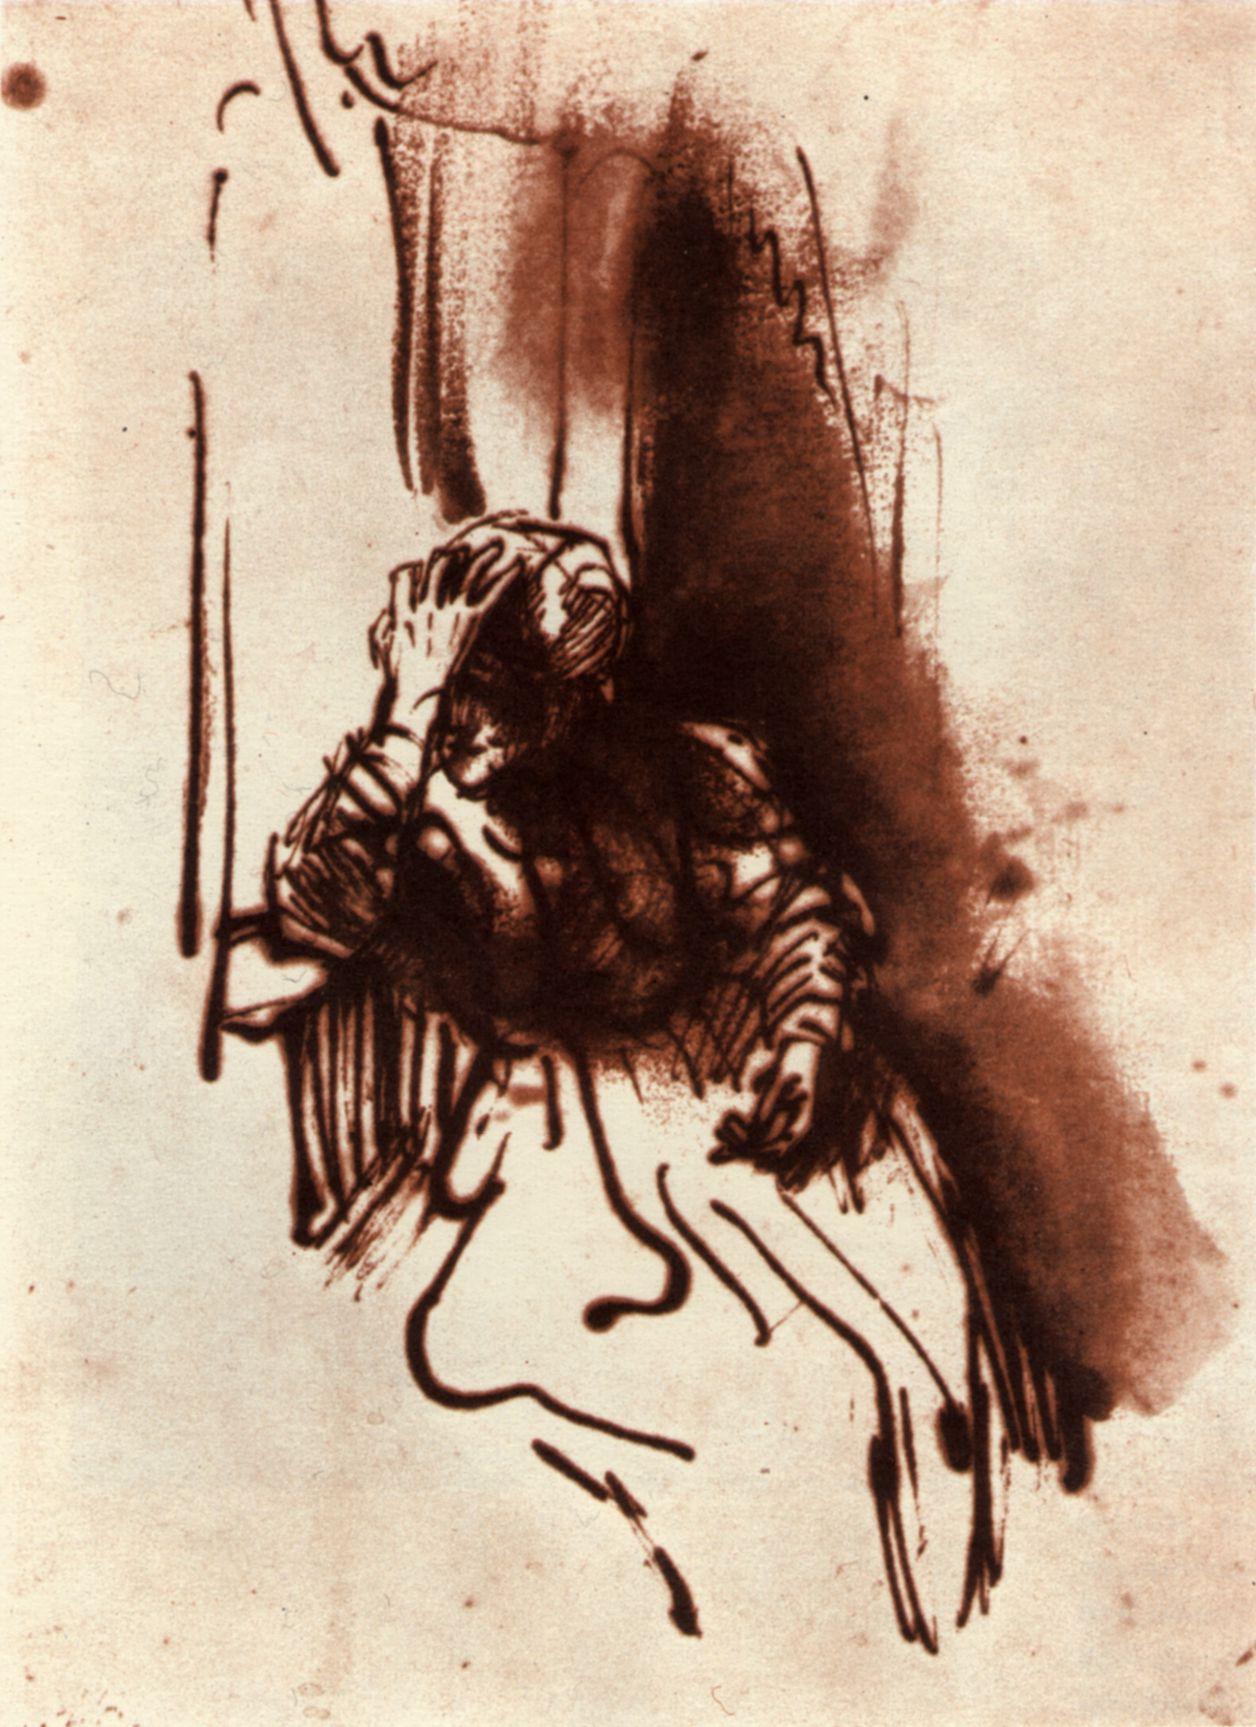 Rembrandt-Femme-assise-a-une-fenetre